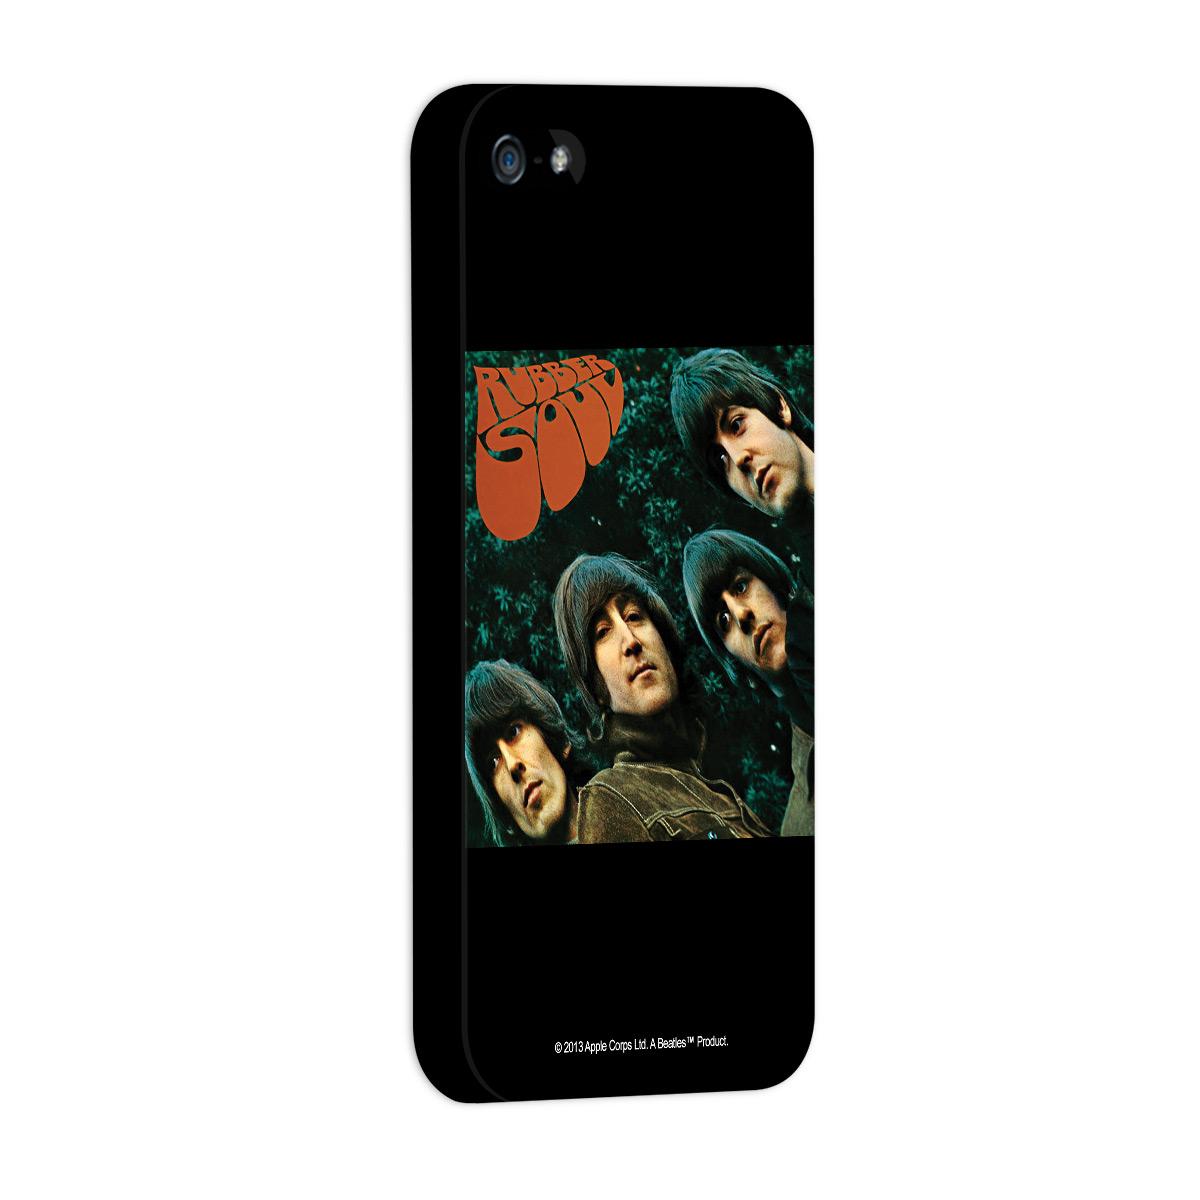 Capa de iPhone 5/5S The Beatles Rubber Soul